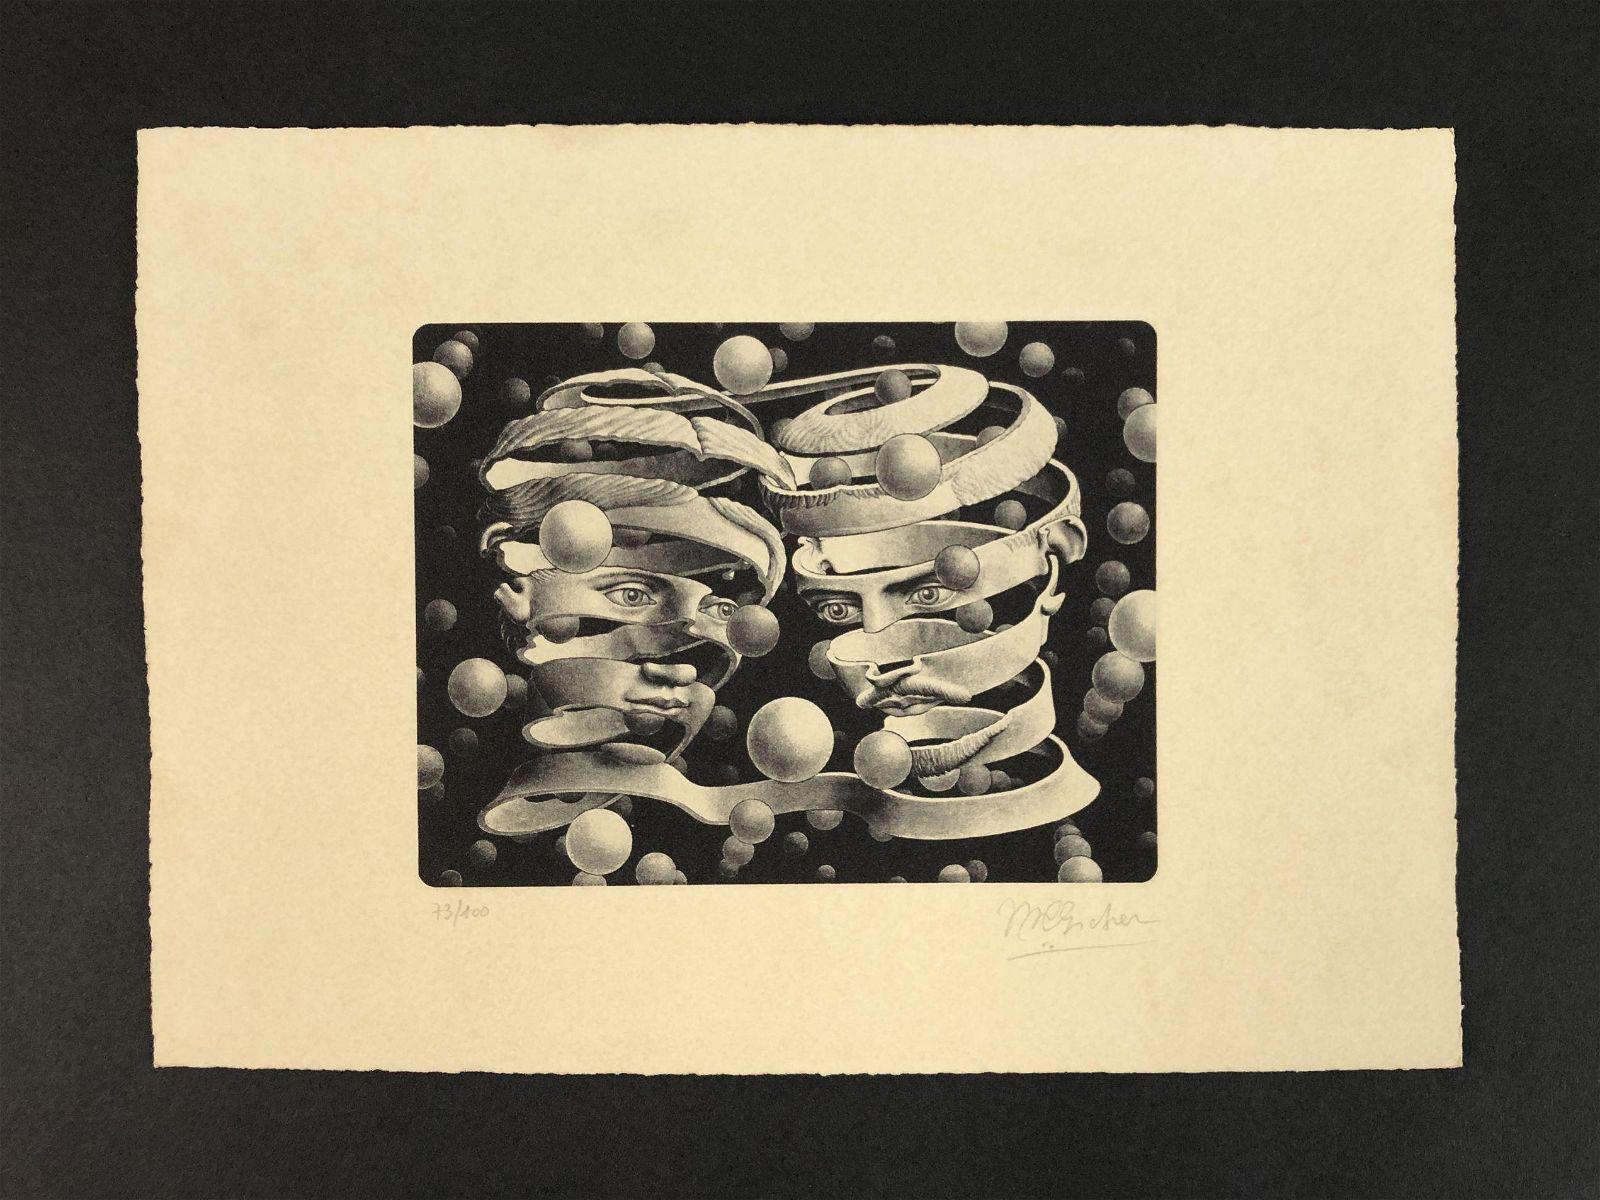 M.C. Escher (Dutch, 1898-1972) - Fine Art Print on